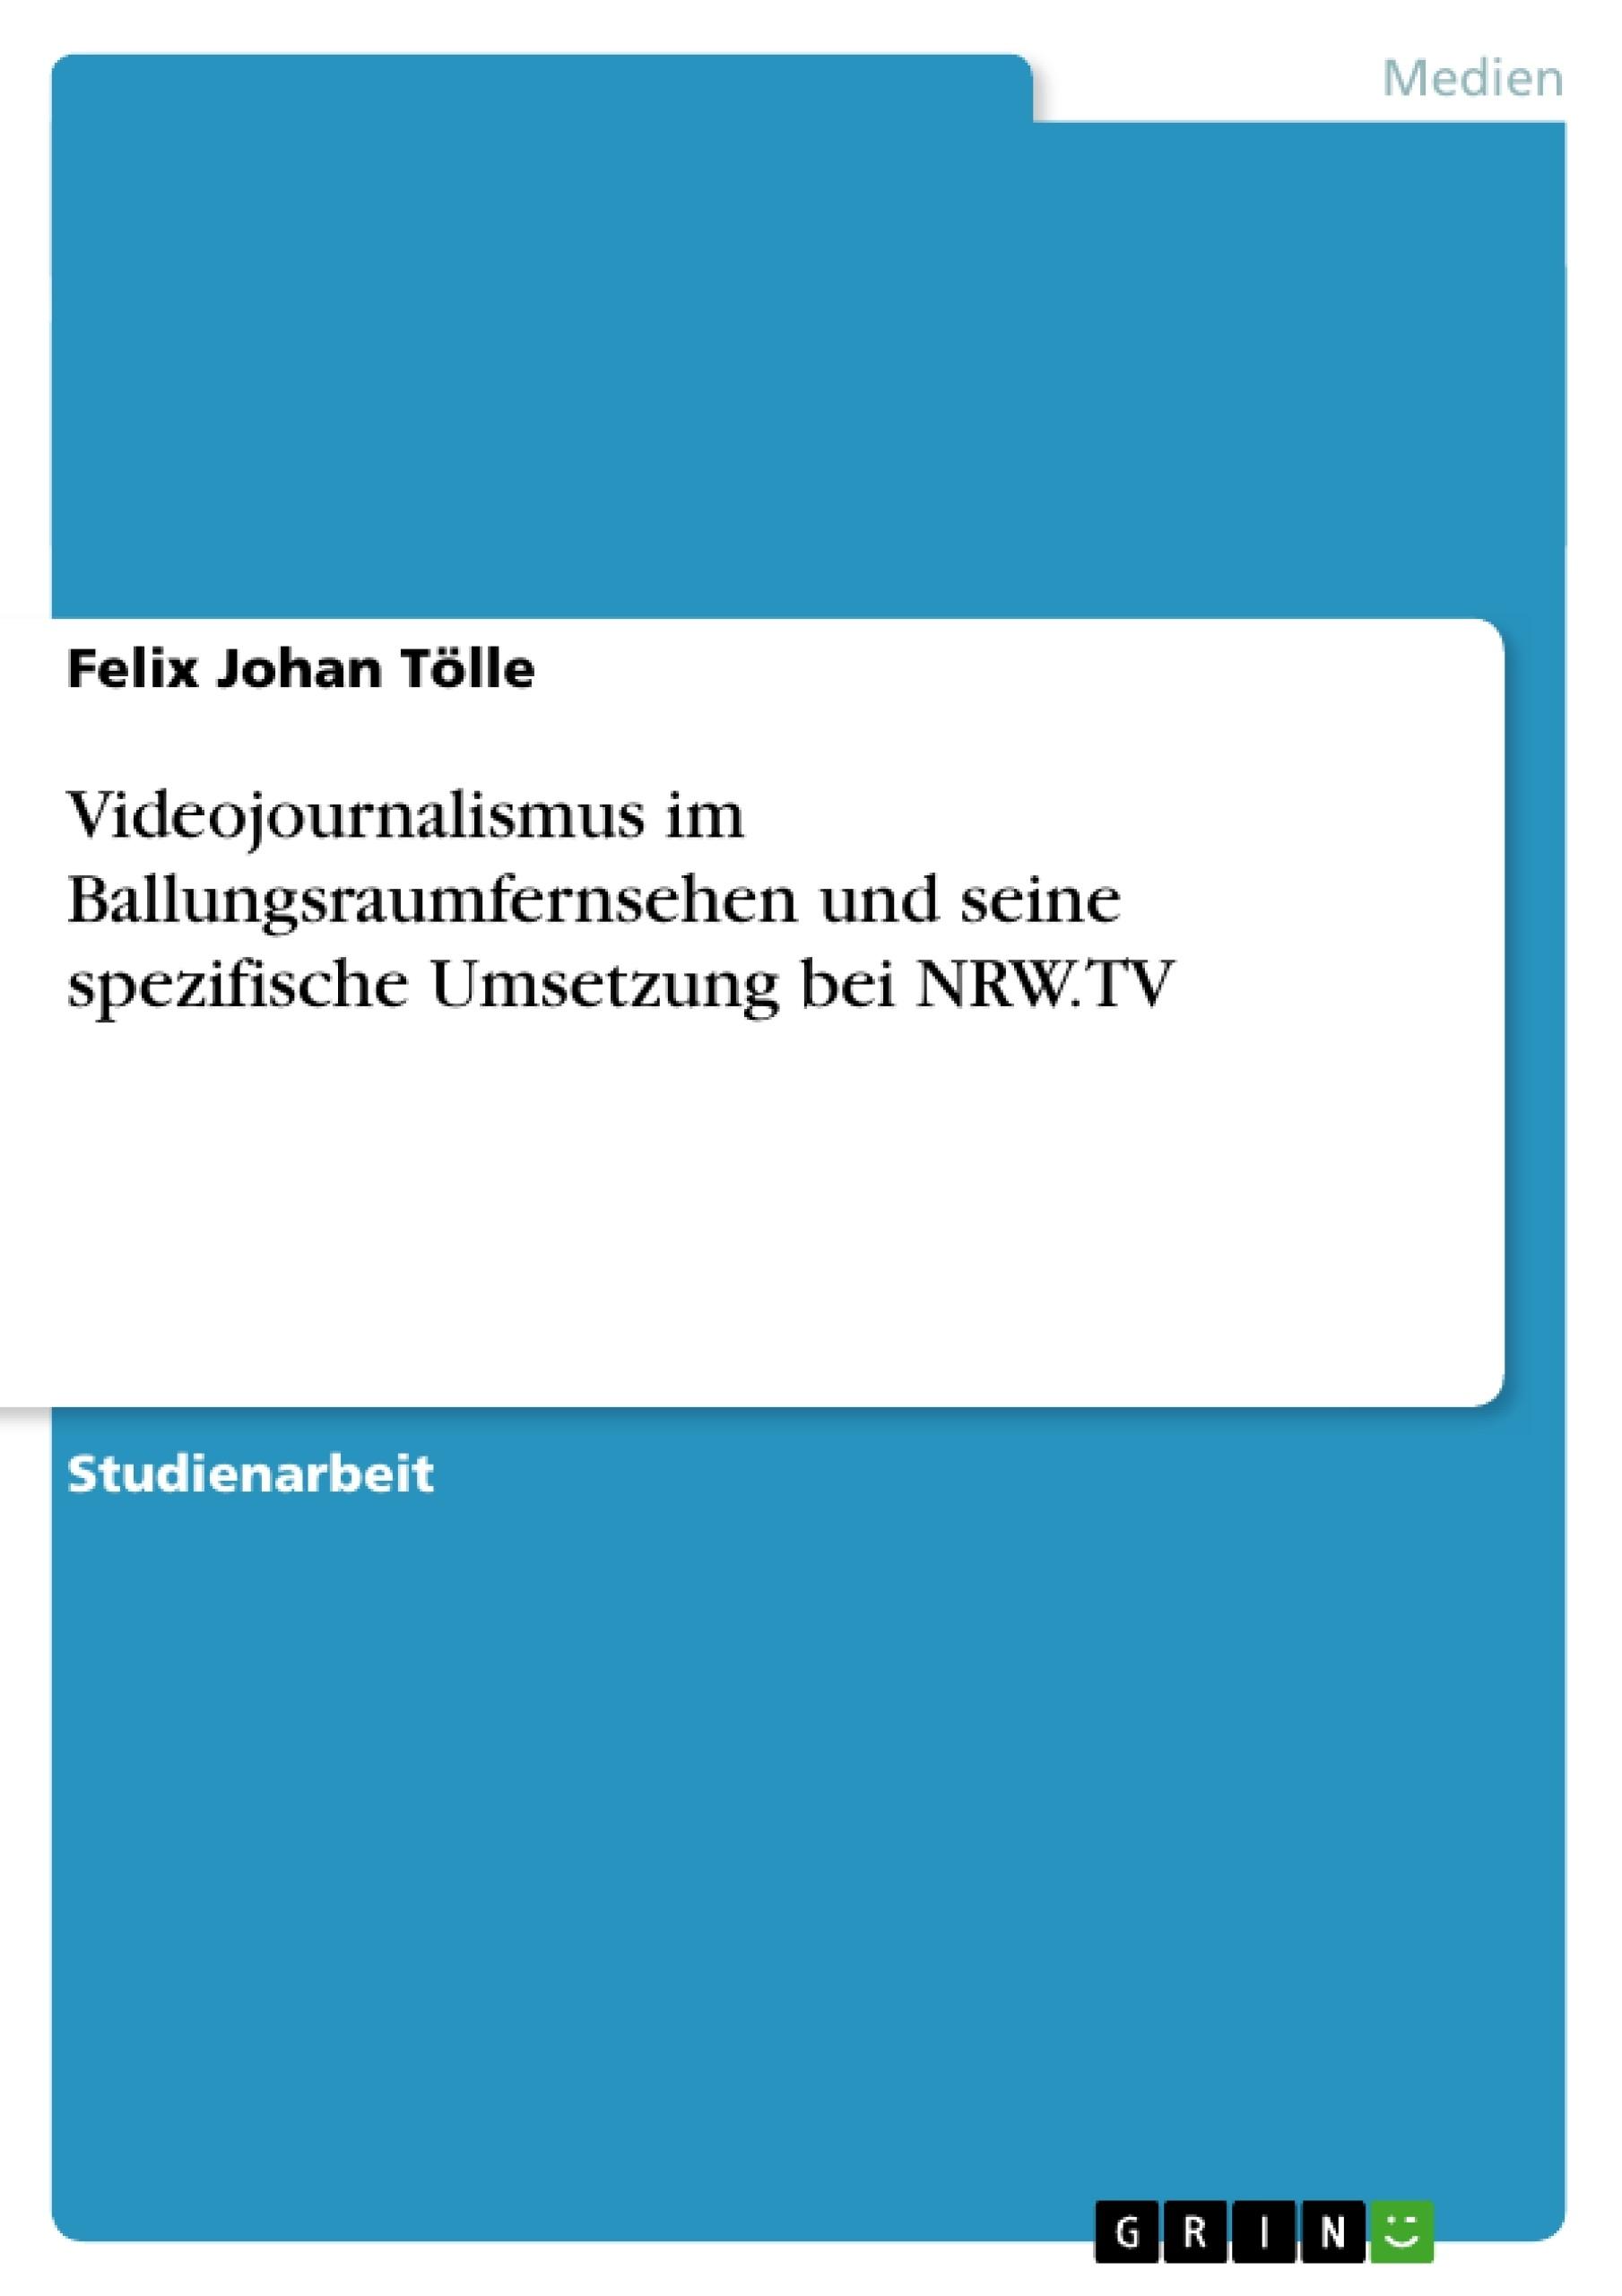 Titel: Videojournalismus im Ballungsraumfernsehen und seine spezifische Umsetzung bei NRW.TV